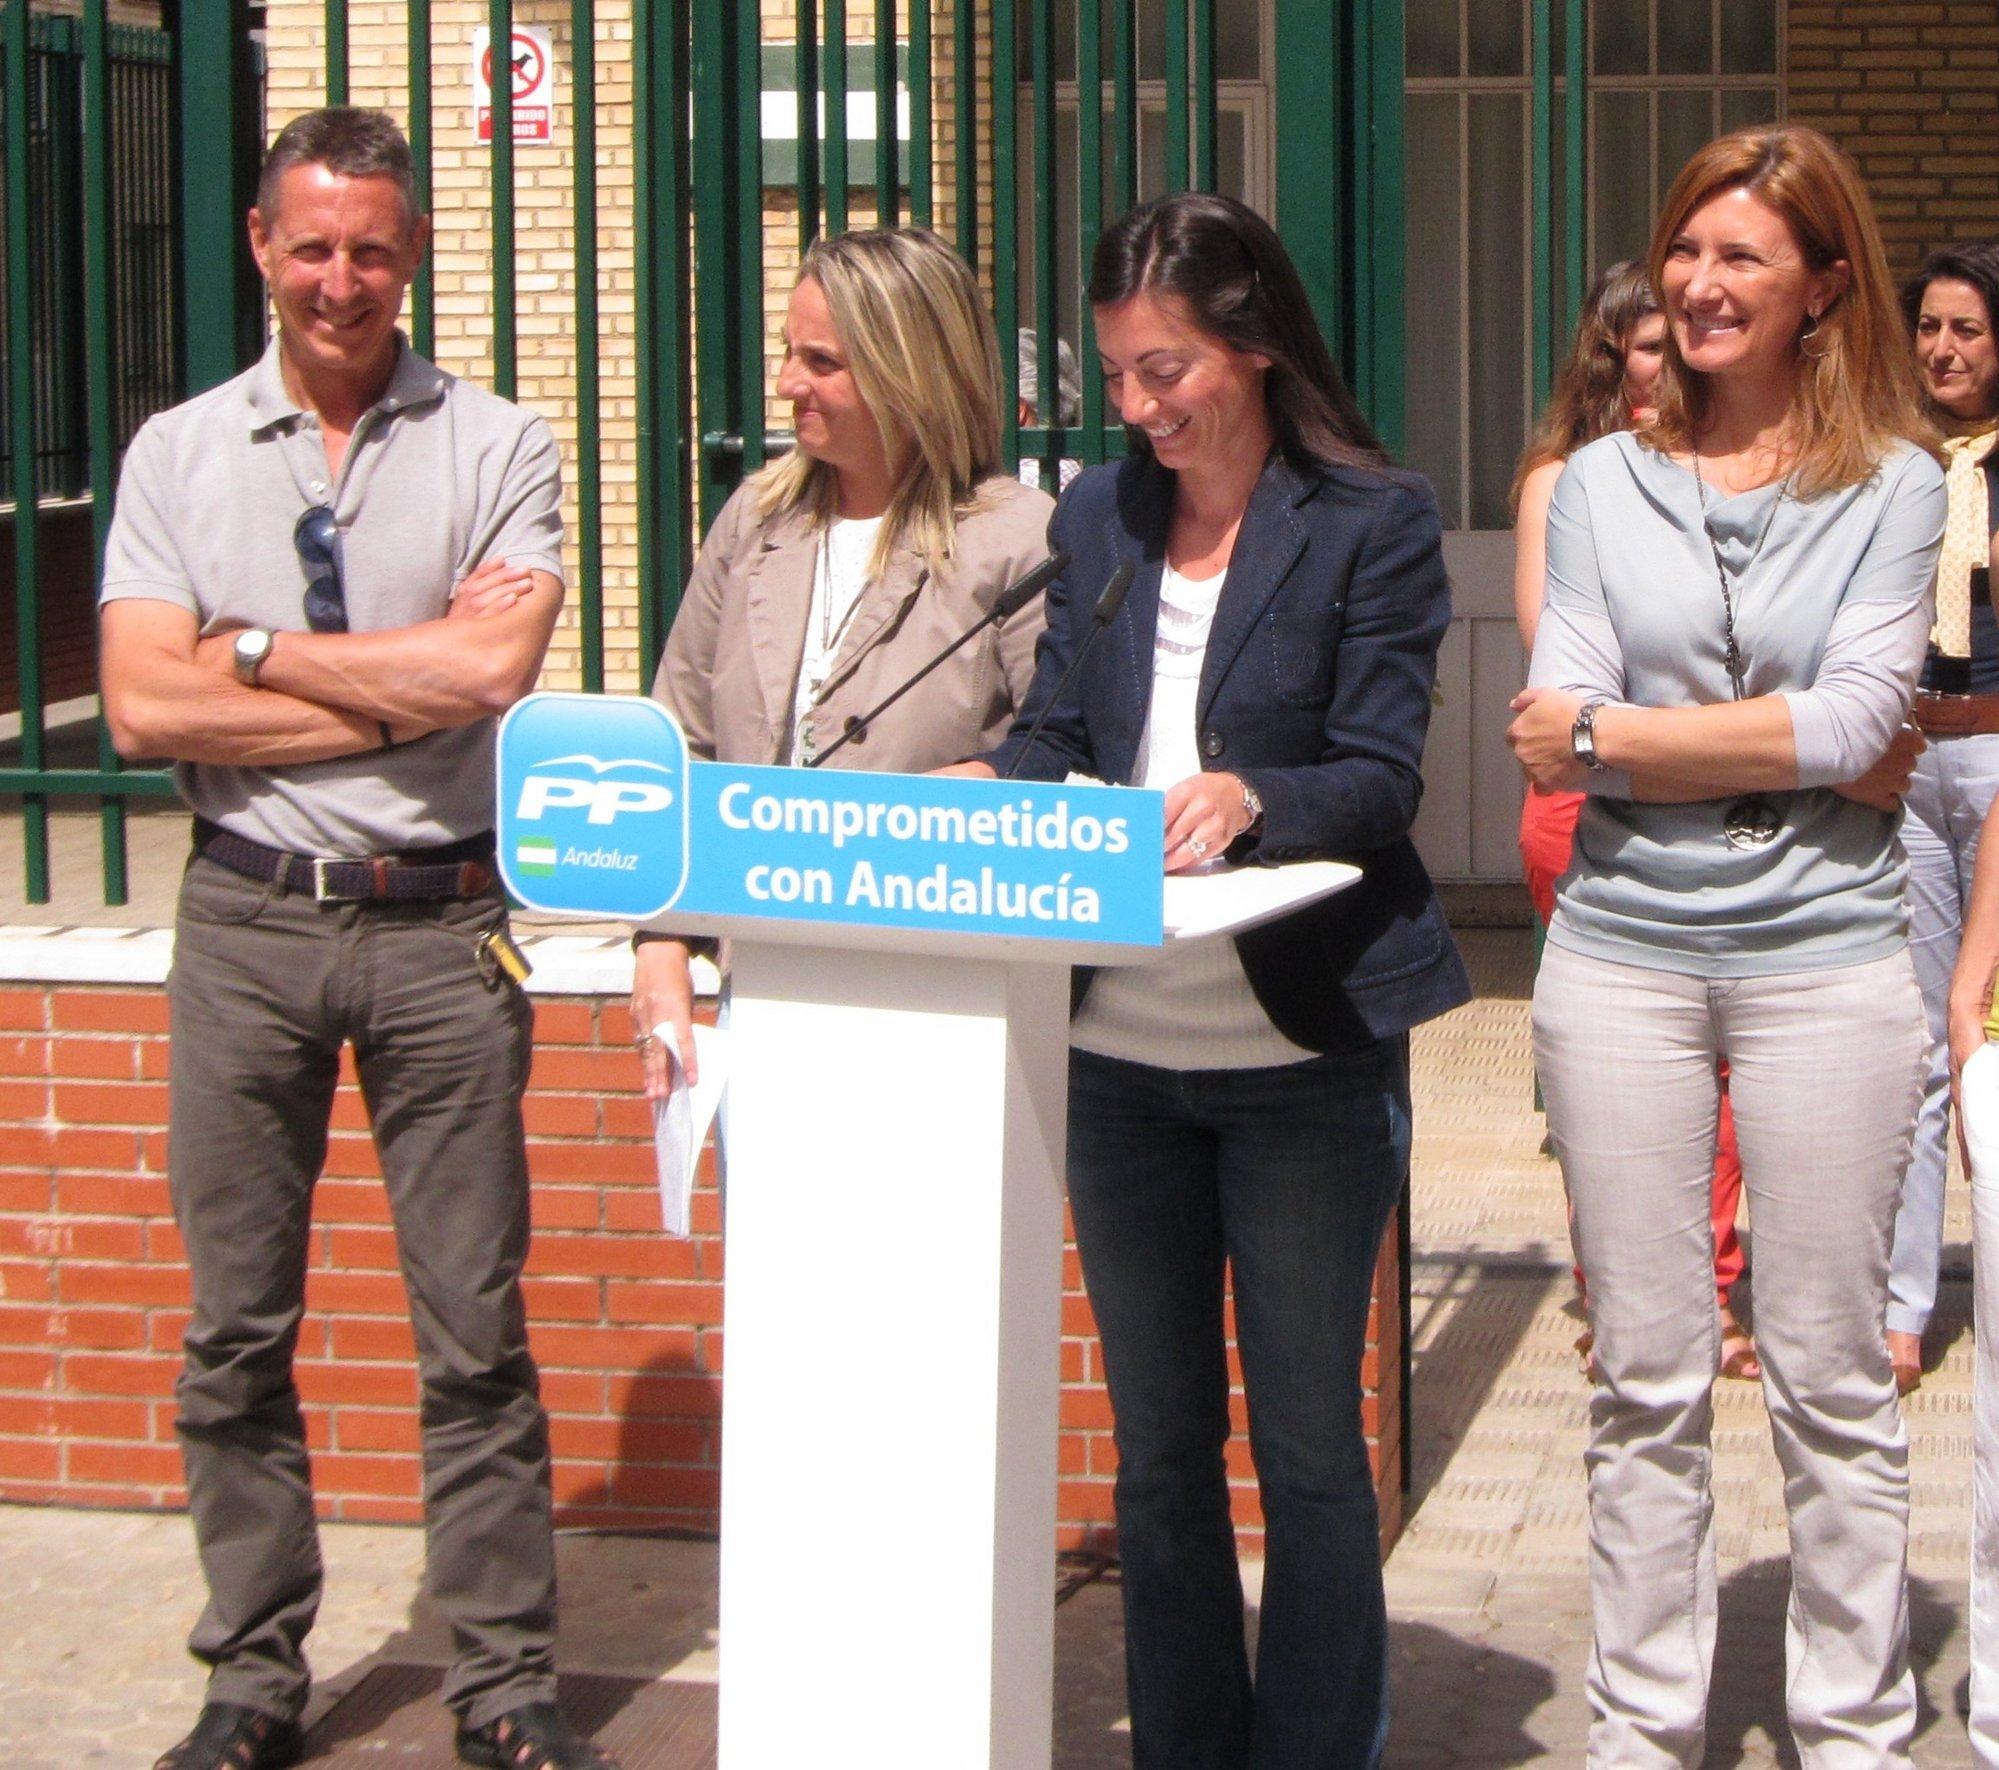 PP-A ve «patético» que Valderas crea «injusto» el plan de ajuste que lleva «su firma» y que, además, presente enmiendas